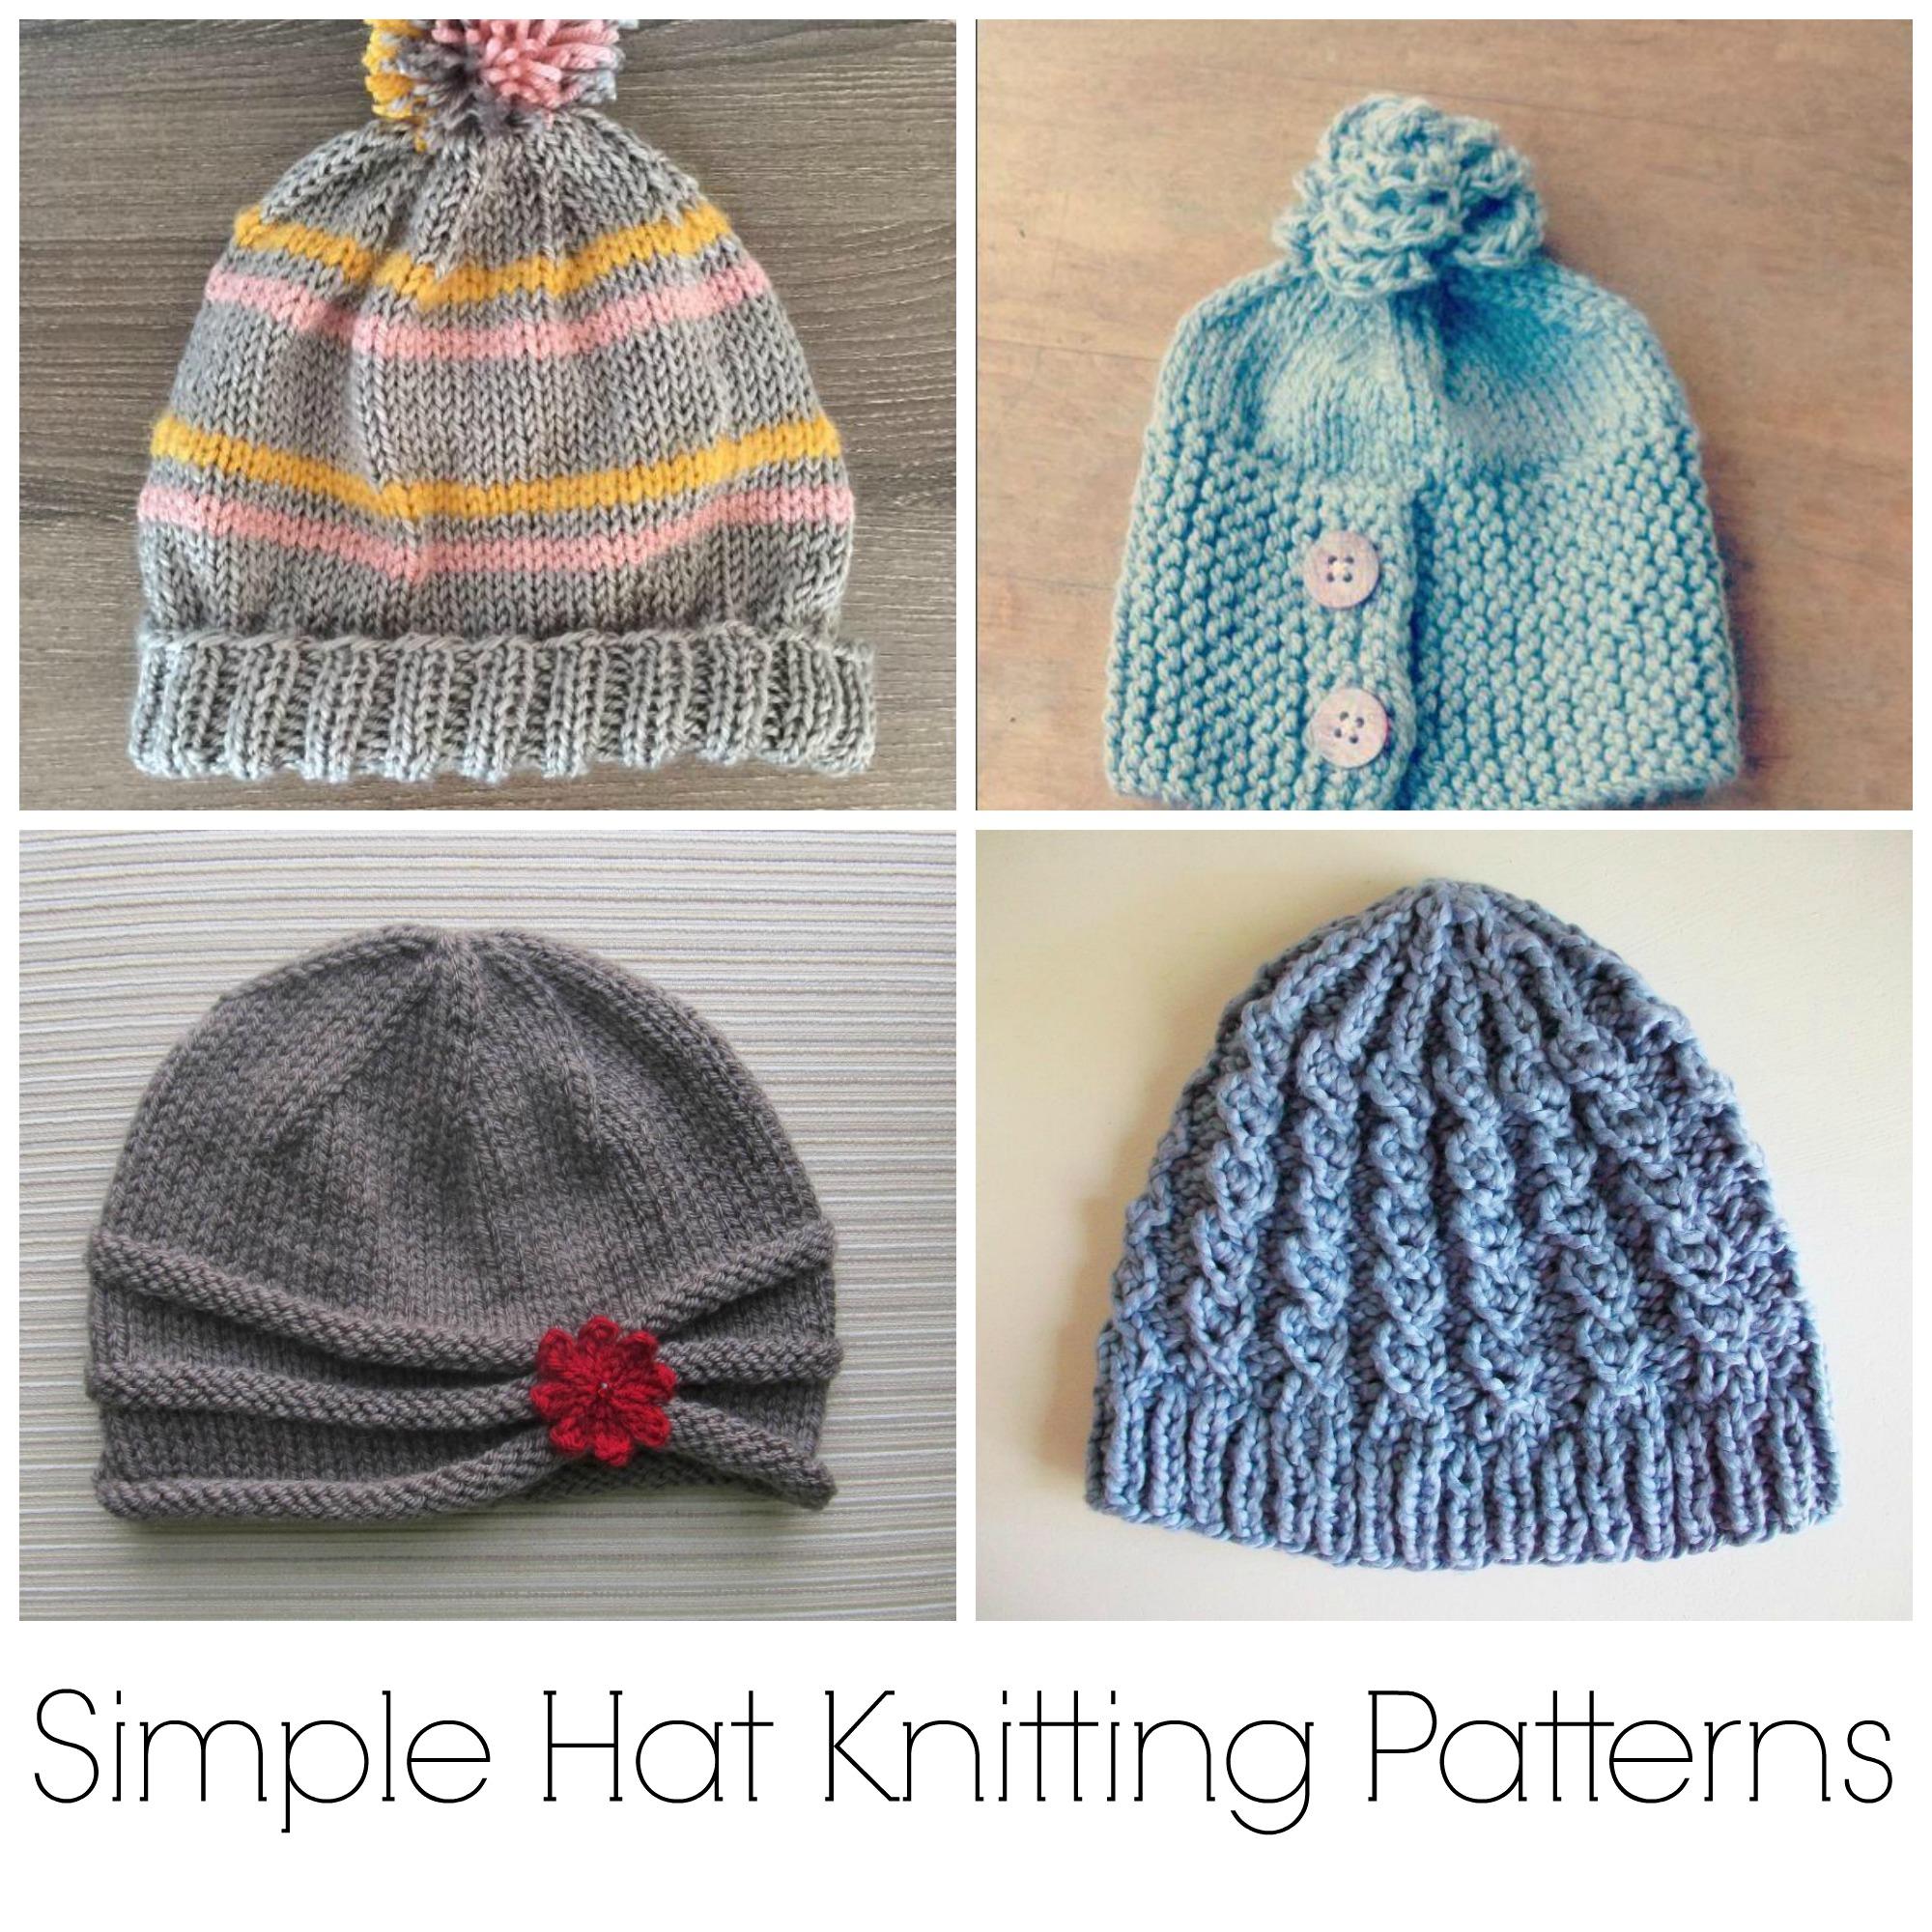 Knitting Ideas no muss, no fuss: 10 simple hat knitting patterns ndtqote